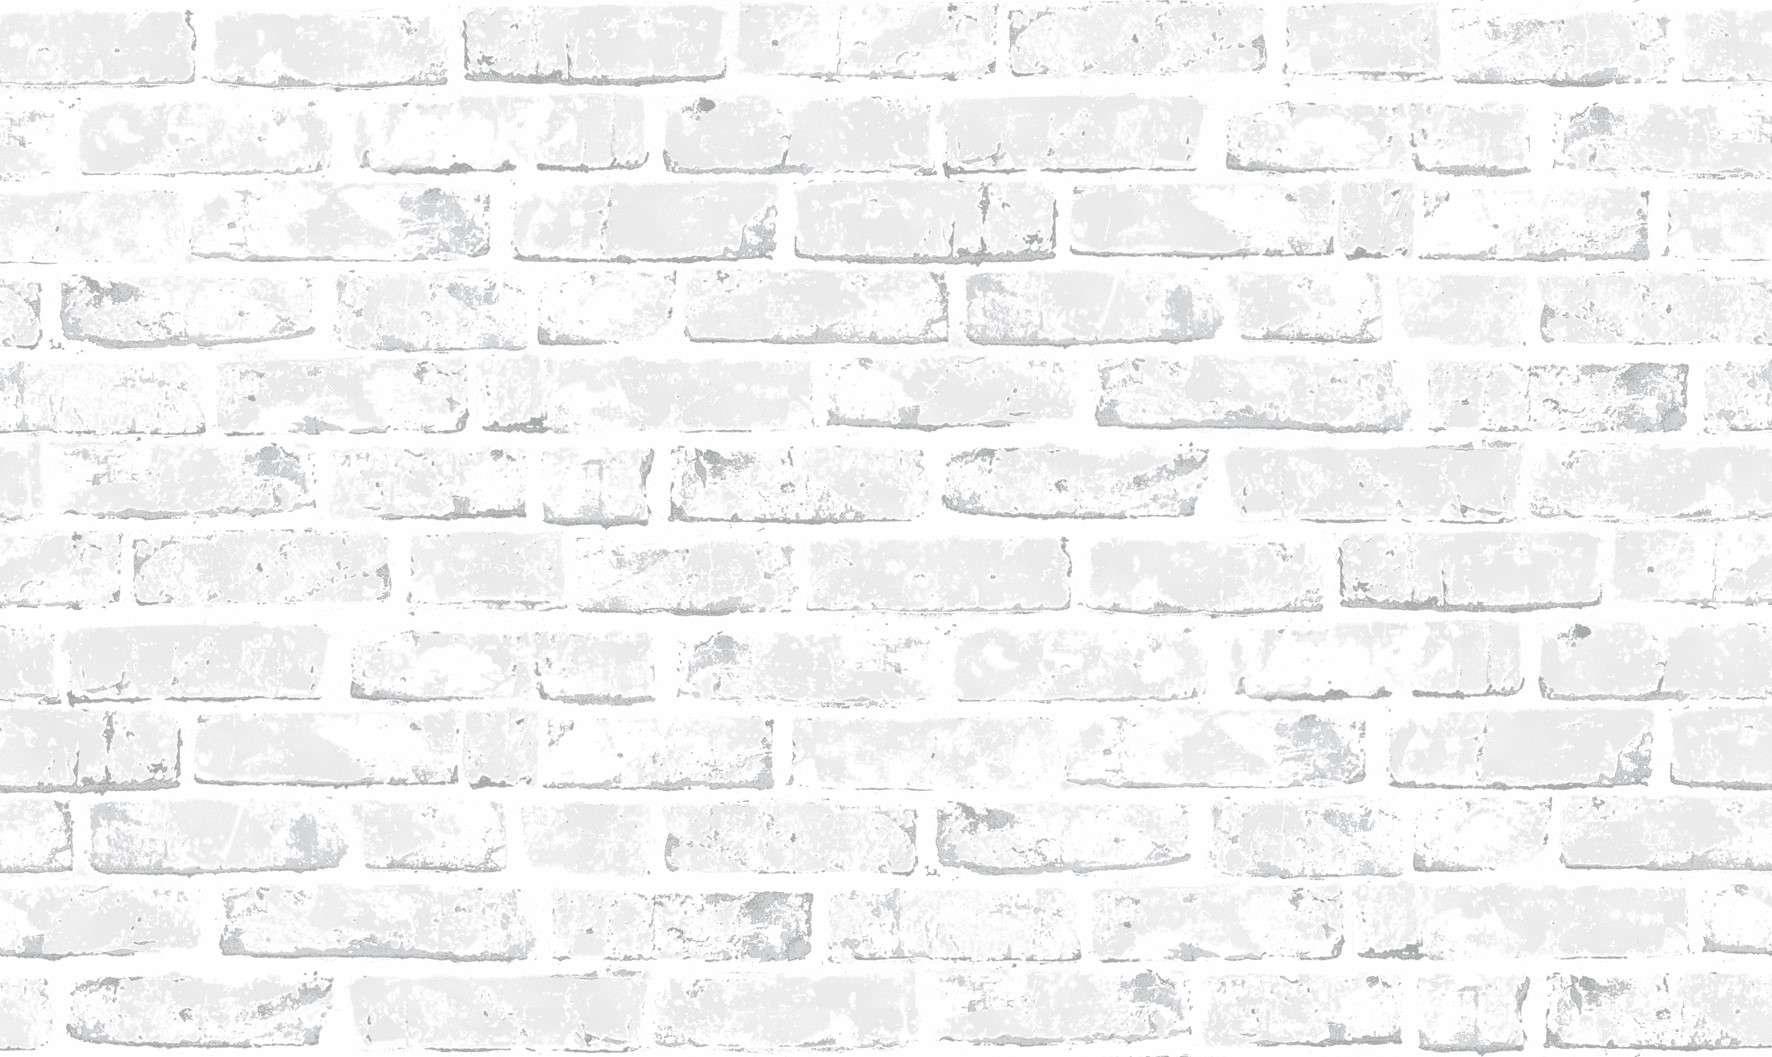 70137-2 là kiểu giả gạch rất lạ với hình gạch trắng nổi và viền xi mờ tạo cảm giác cổ kính